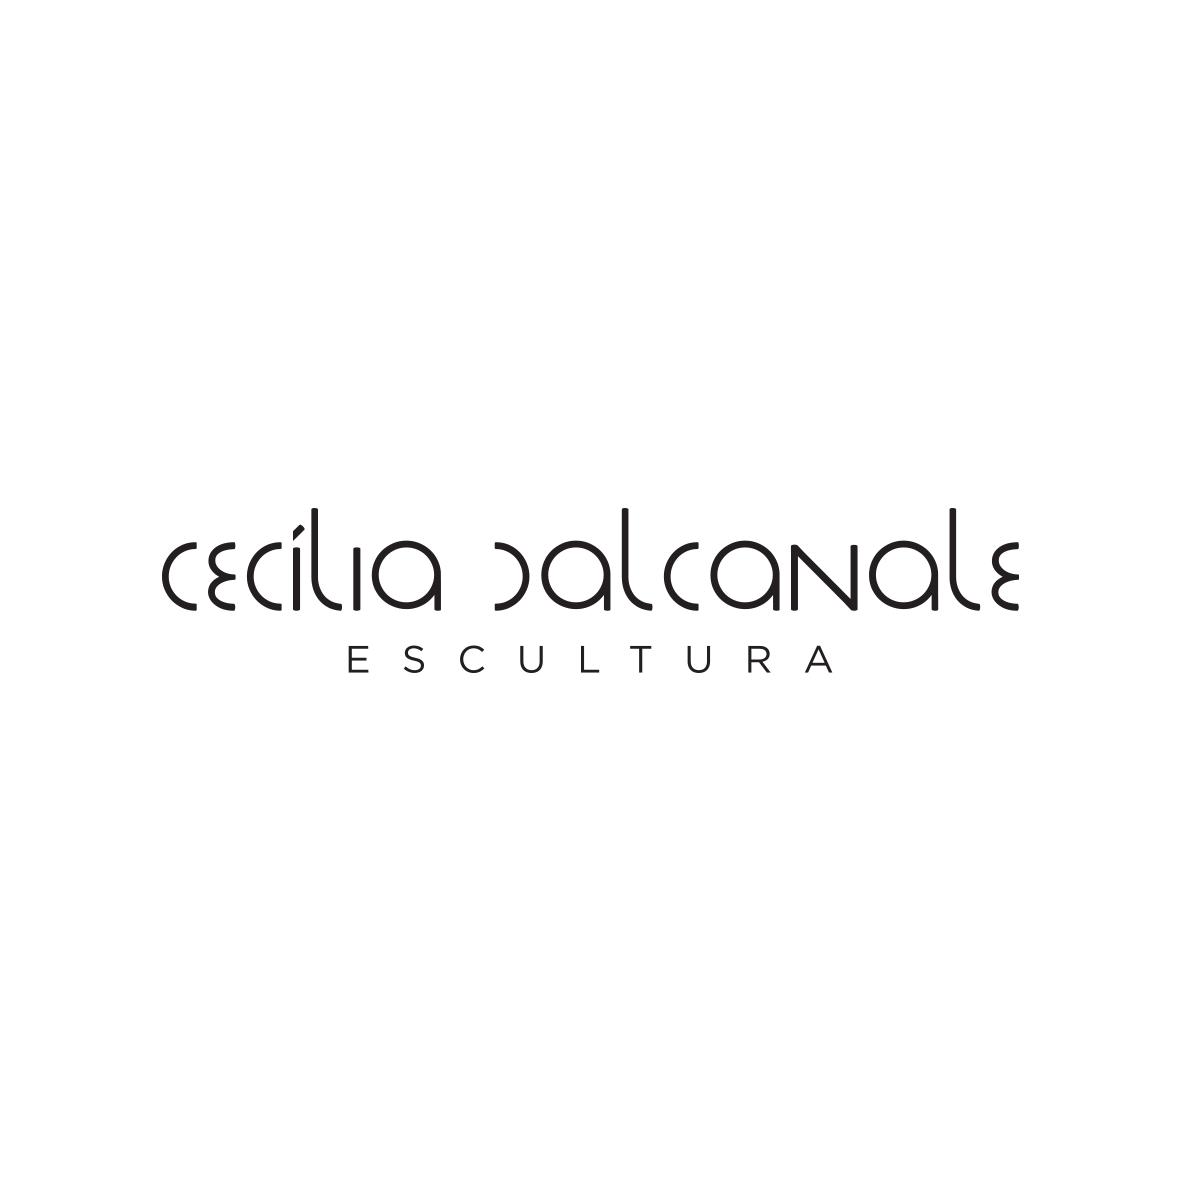 03-cecilia-dalcanale-logo-03b